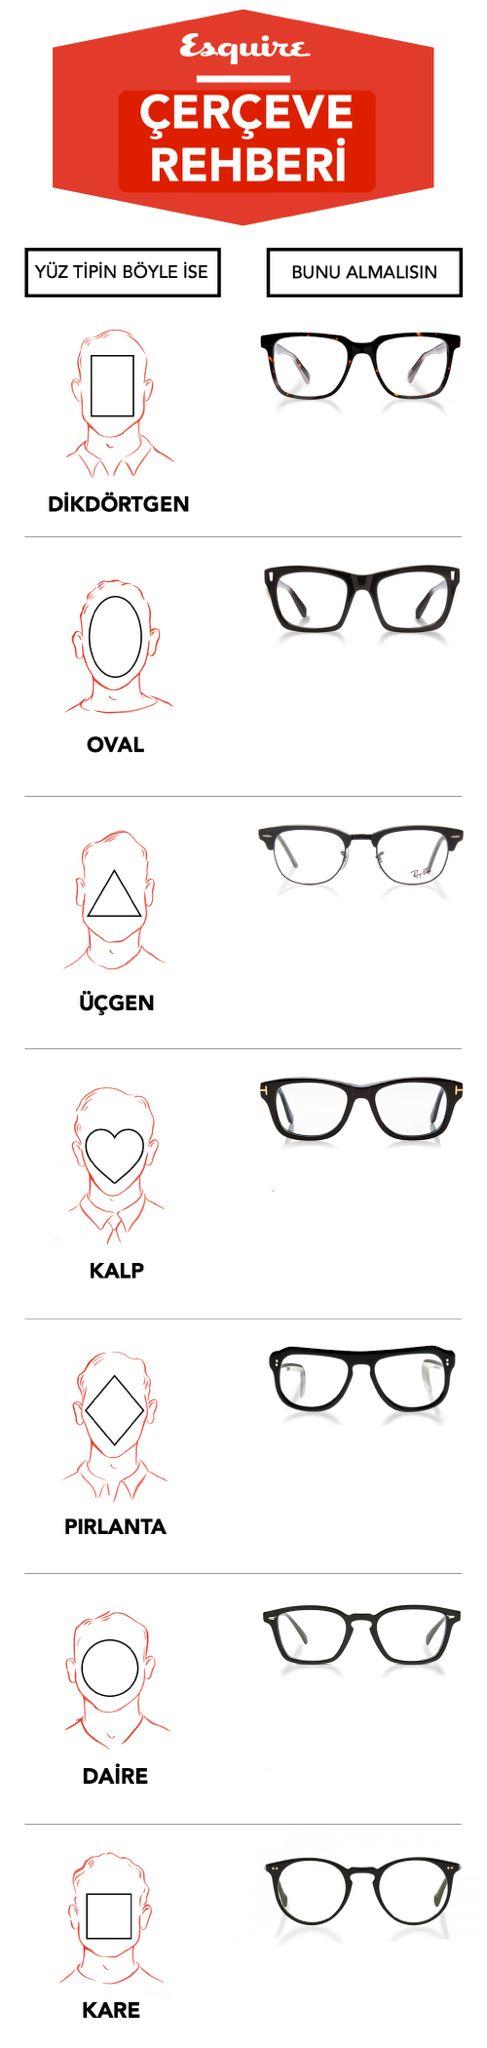 @esquiremag  'dan gözlük alacak Kasaba erkeklerine küçük bir stil notu: Yüz Tipine Hangi Gözlük En Uygun? #stiltüyosu #çerçevetipi